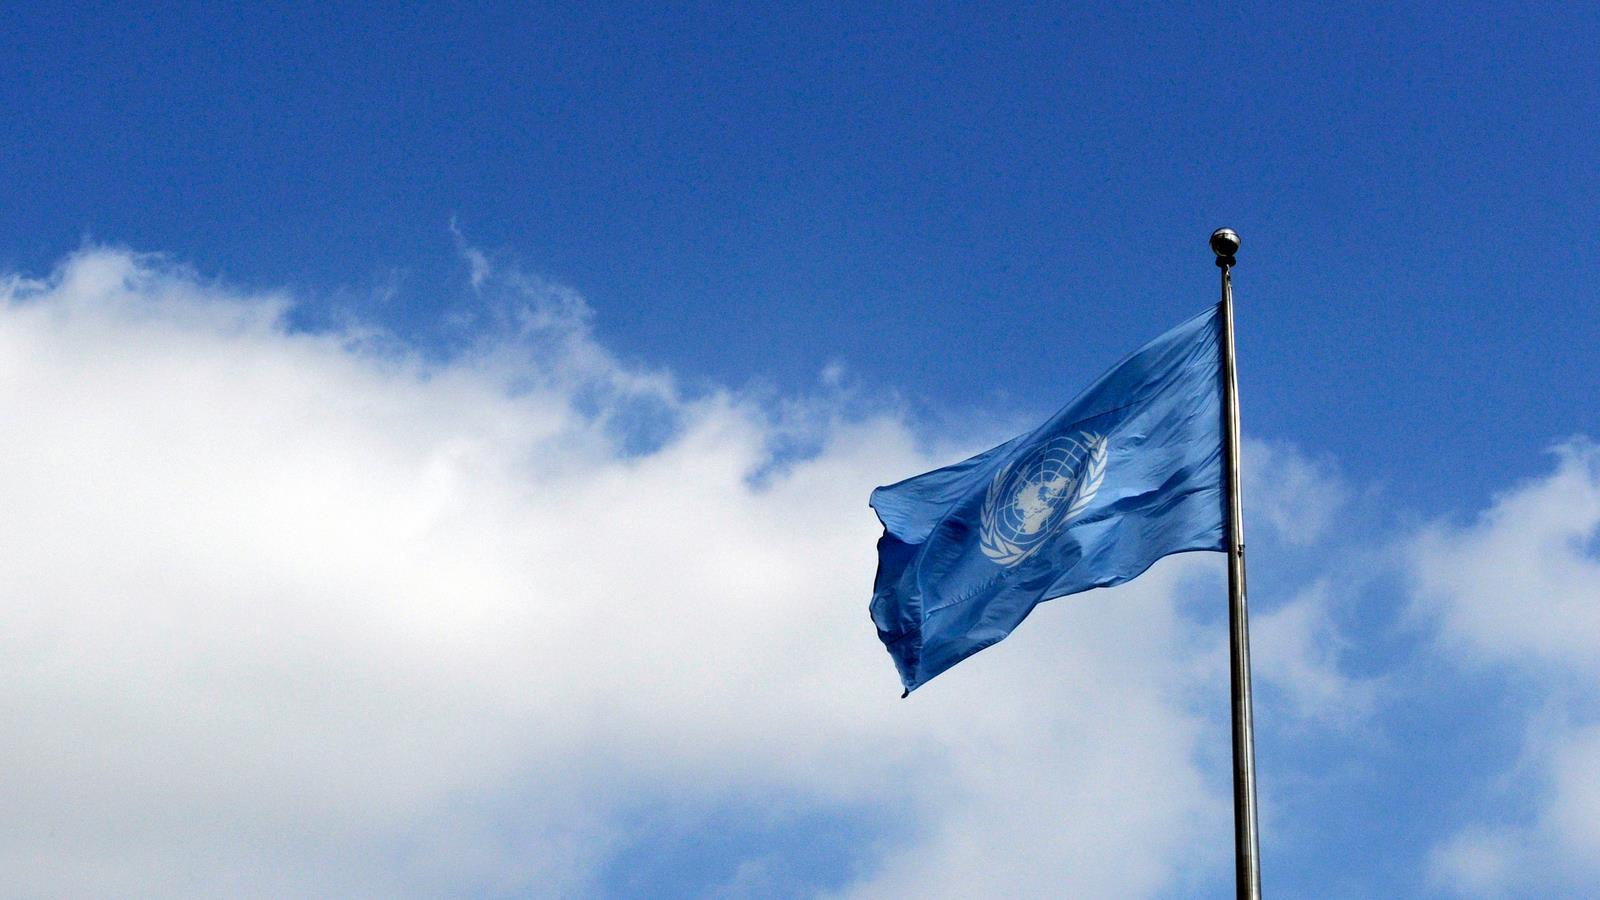 مجلس حقوق الإنسان الأممي يطلق تحقيقا حول انتهاك حقوق الإنسان في الأراضي المحتلة وإسرائيل